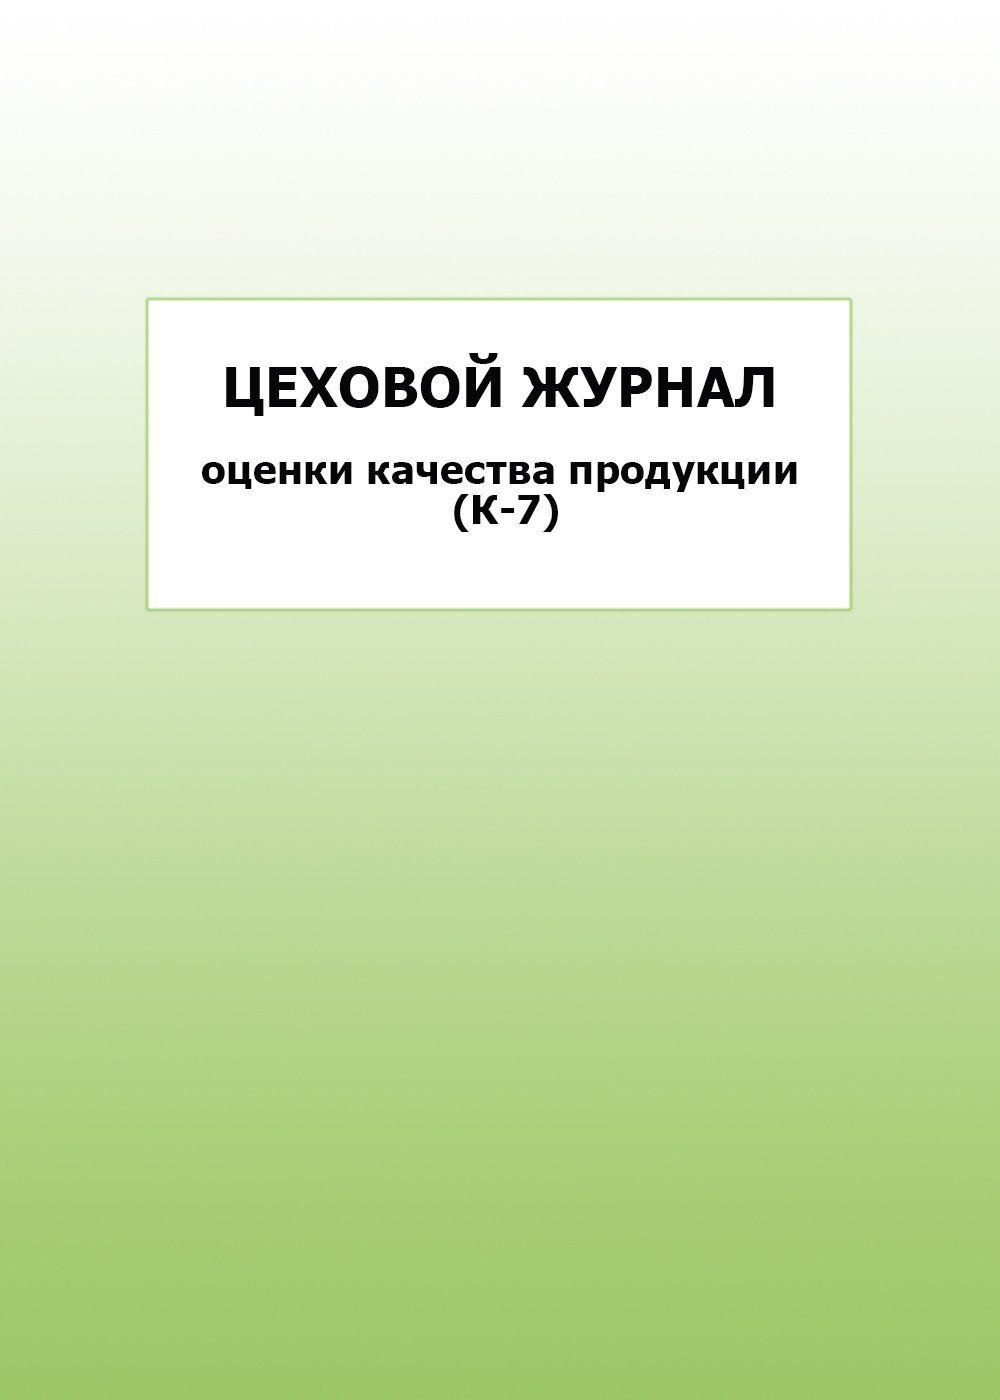 Цеховой журнал оценки качества продукции (К-7): упаковка 100 шт.